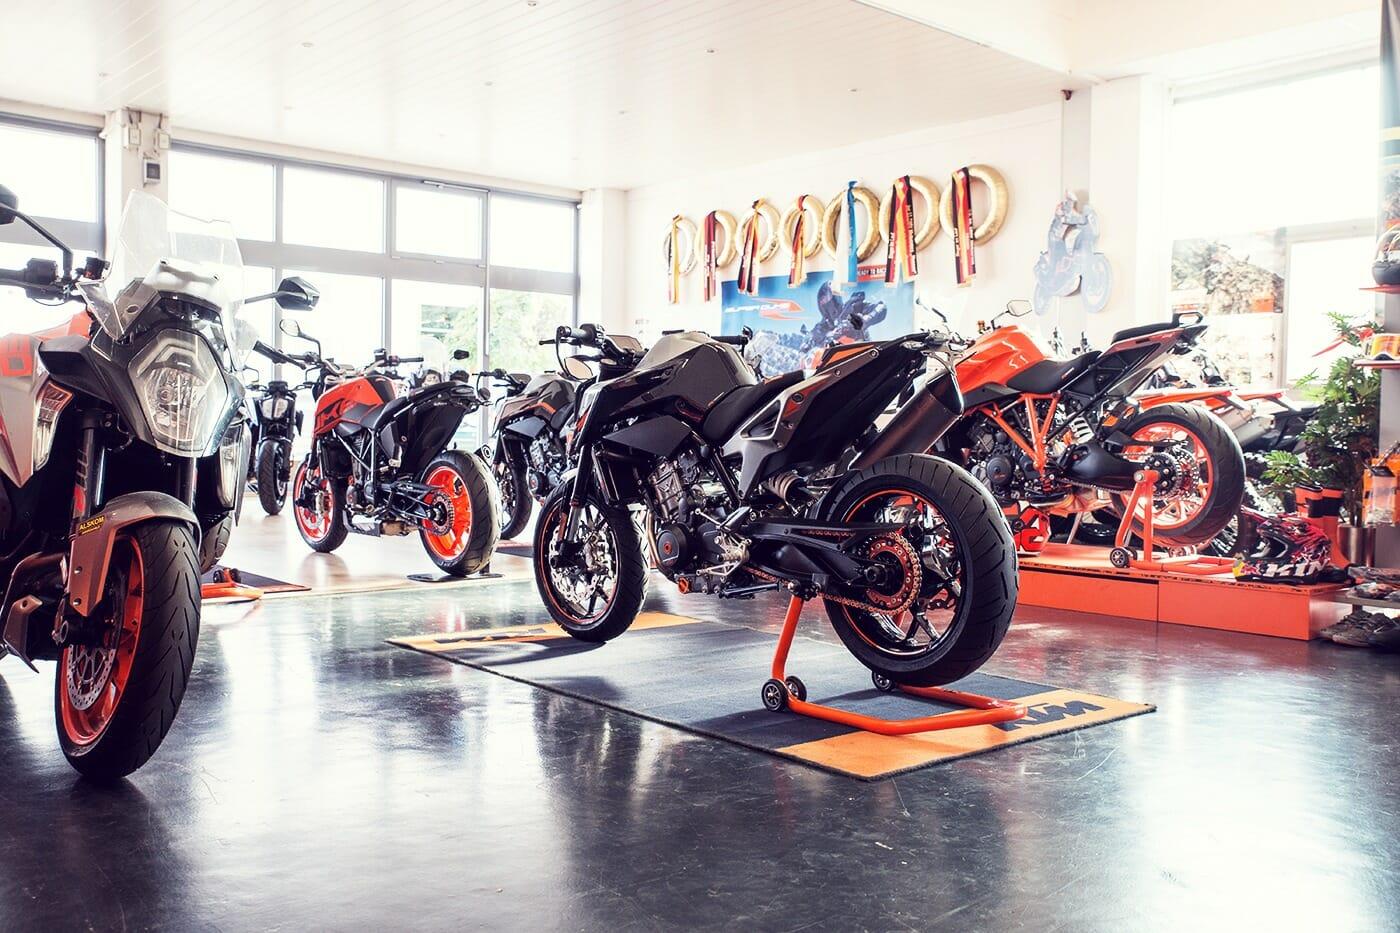 KTM Alskom Motocycle GmbH